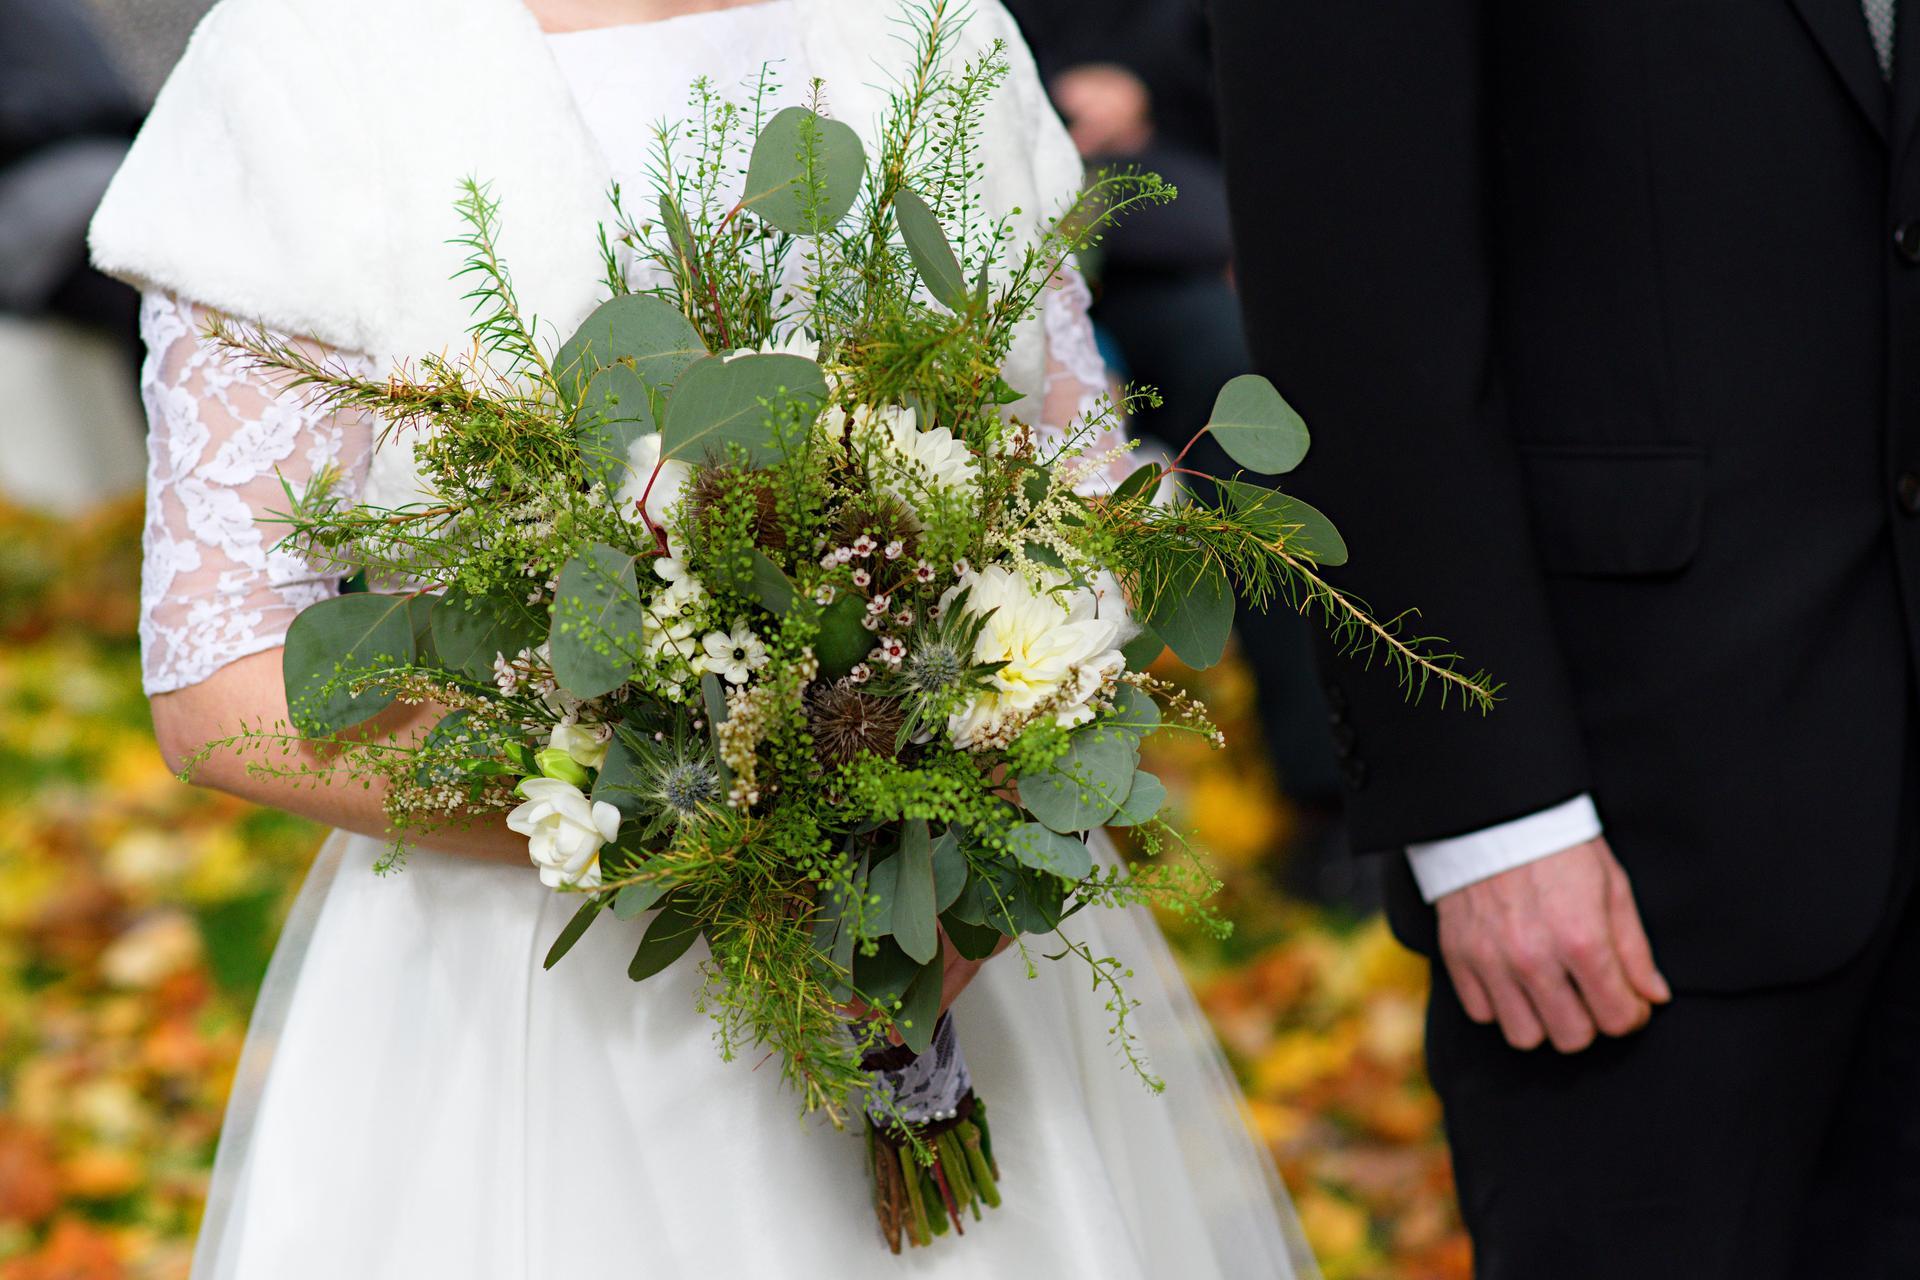 Léto se nám už stáčí k podzimu a s ním přicházejí ty krásné barevné a zemité svatby. Podzimní nevěsty, jaké máte v plánu barvy na tento podzim? Vkládám příklady z minulých let, které vznikly v mé dílně. Pokud byste potřebovaly květiny ještě na tento rok, napište, termíny ještě mám jak na podzim, tak na zimu. Otevřená je rezervace i na rok 2022. - Obrázek č. 7